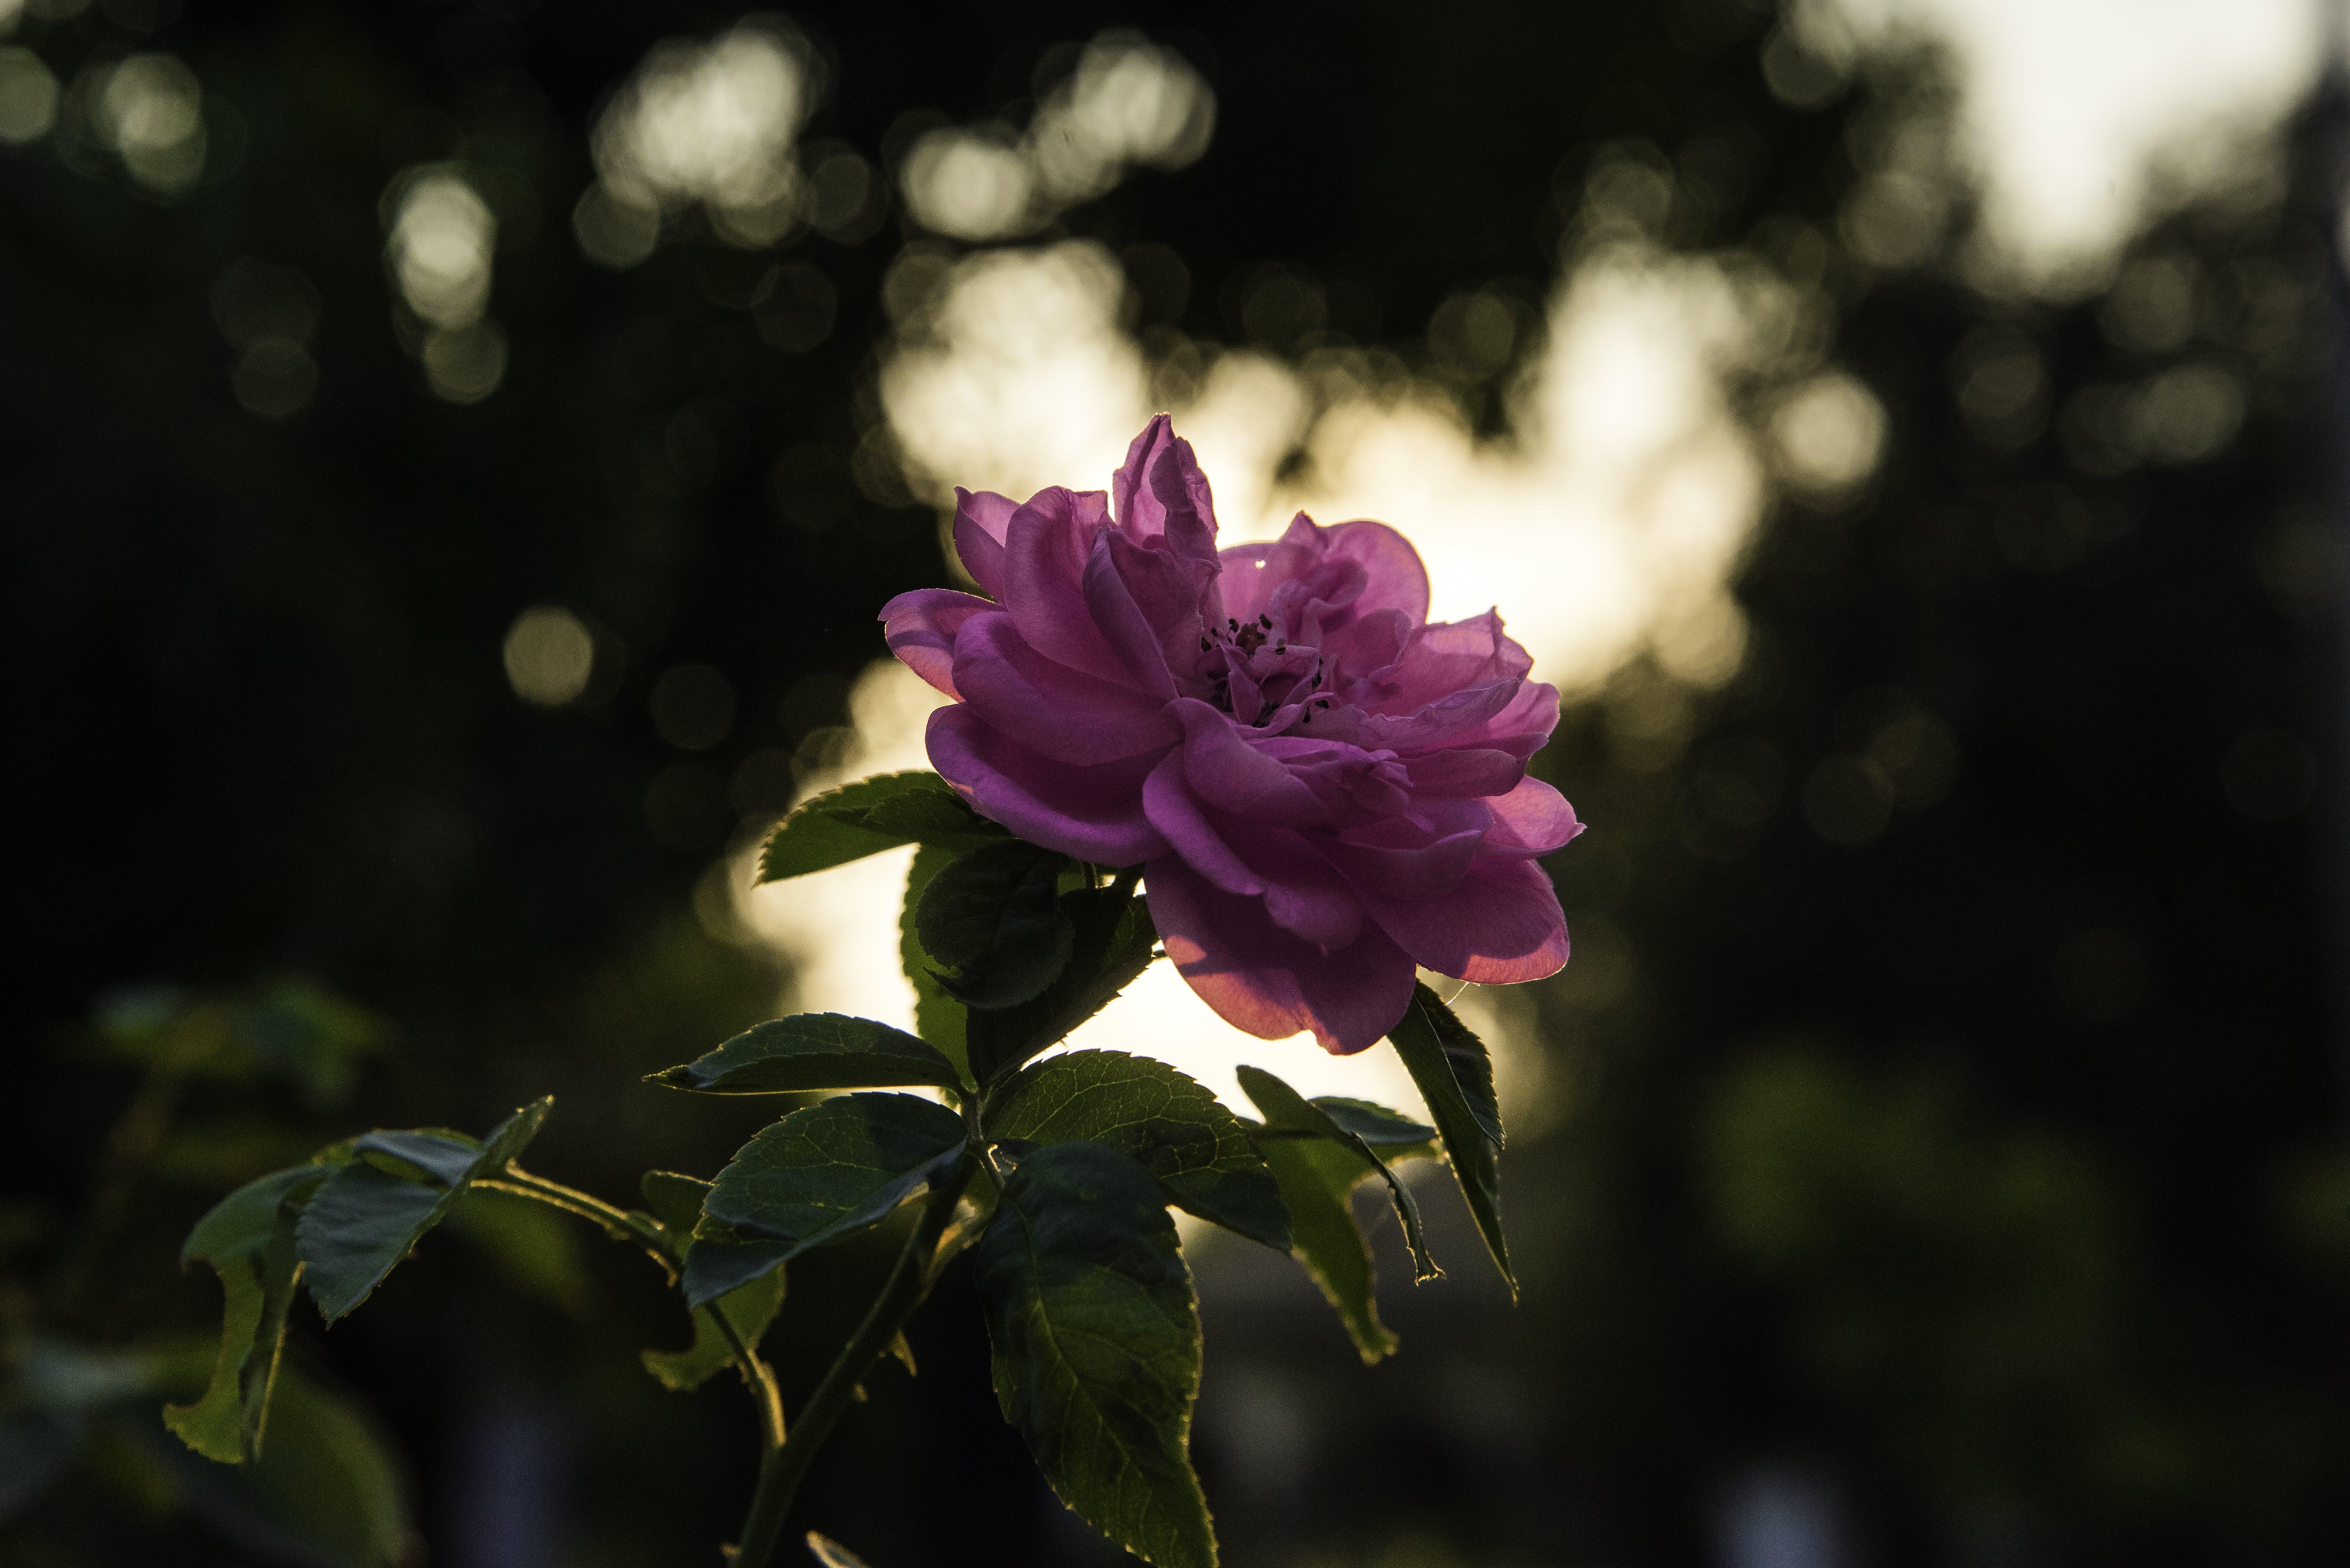 Pink Rose at Daytime